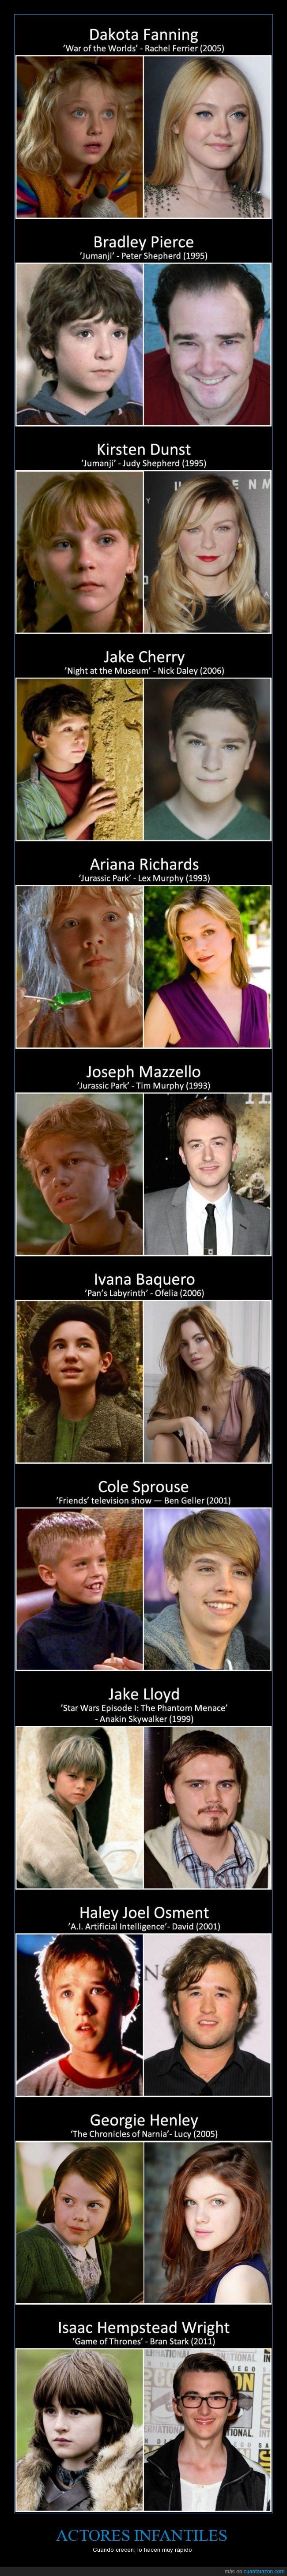 crecer,Friends,Isaac Hempstead,Ivana Baquero,Juego de tronos,Jurassic Park,Kristen Dunst,Narnia